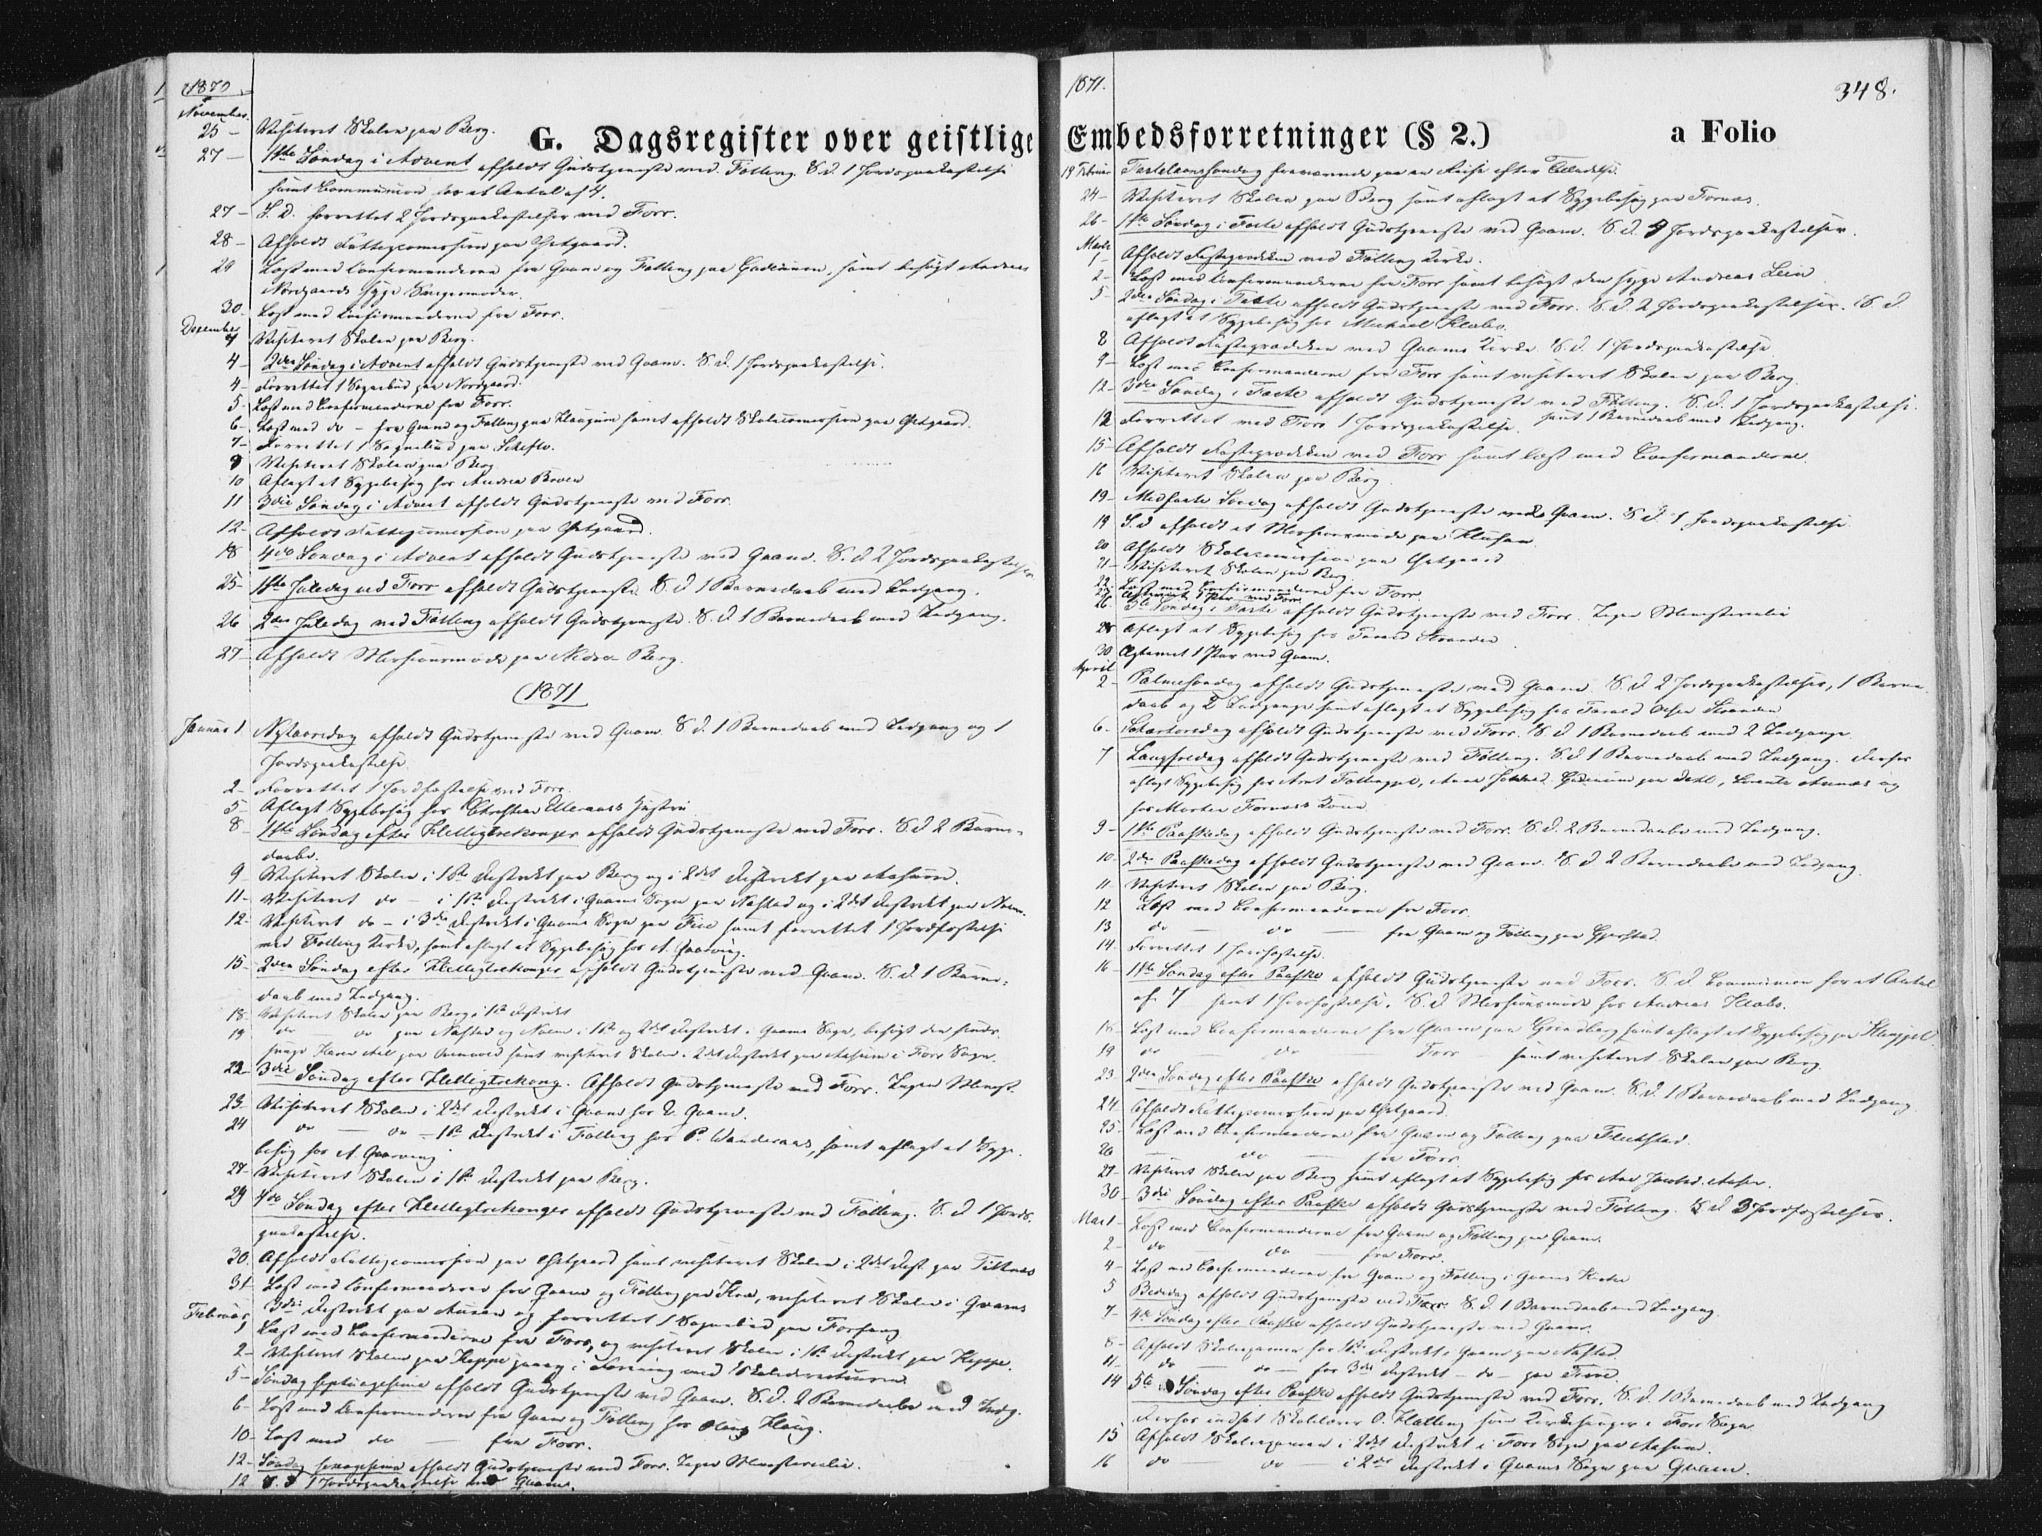 SAT, Ministerialprotokoller, klokkerbøker og fødselsregistre - Nord-Trøndelag, 746/L0447: Ministerialbok nr. 746A06, 1860-1877, s. 348